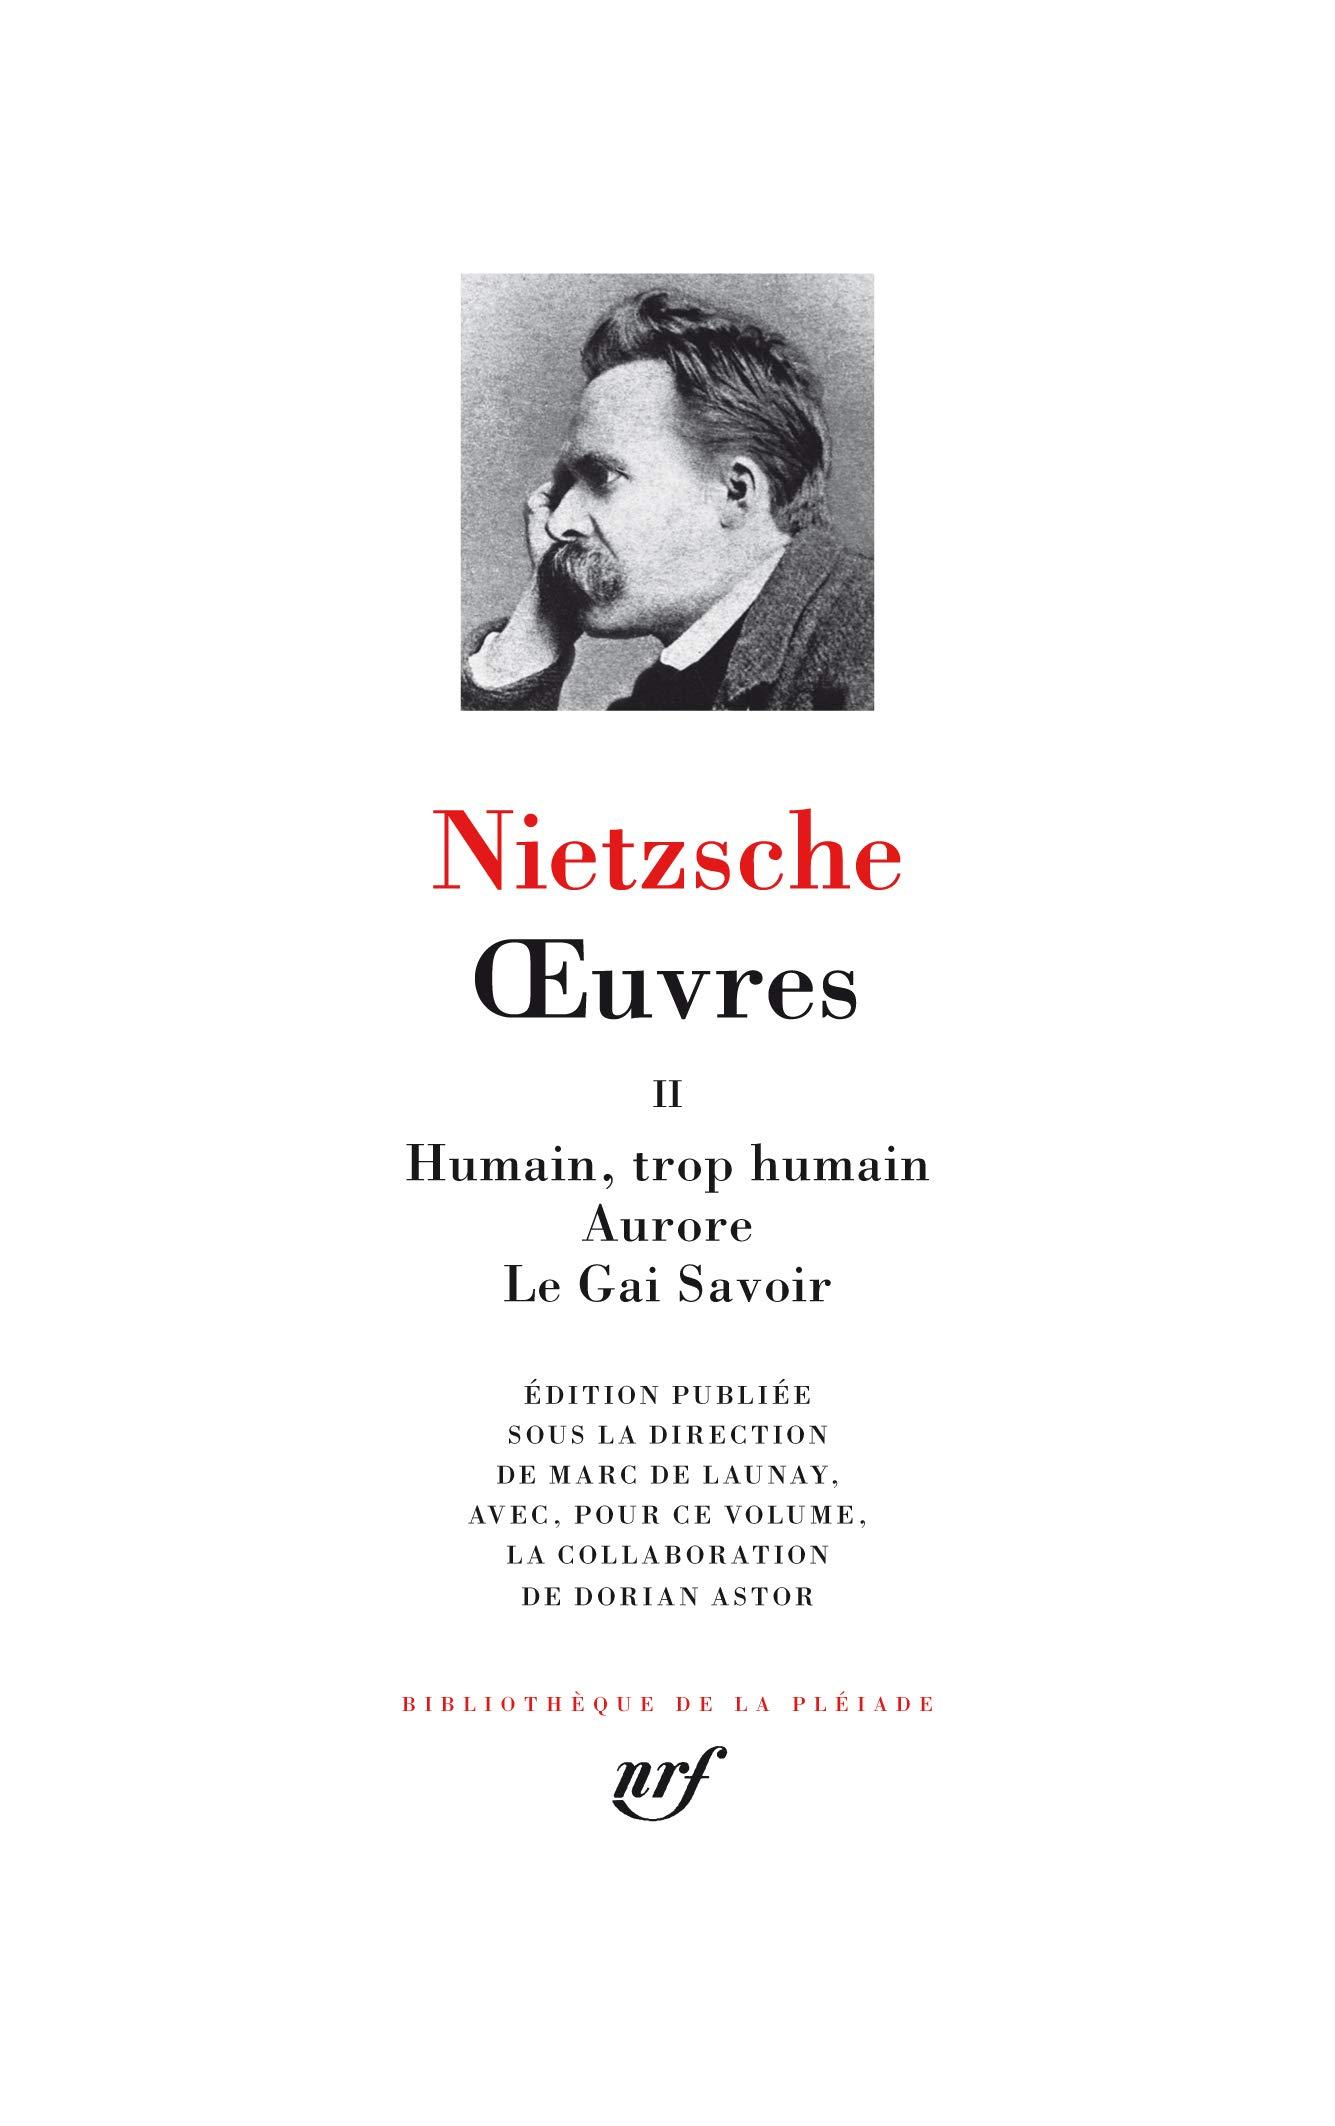 Œuvres (Tome 2) (Bibliothèque de la Pléiade): Amazon.es: Nietzsche,Friedrich, Launay,Marc de: Libros en idiomas extranjeros